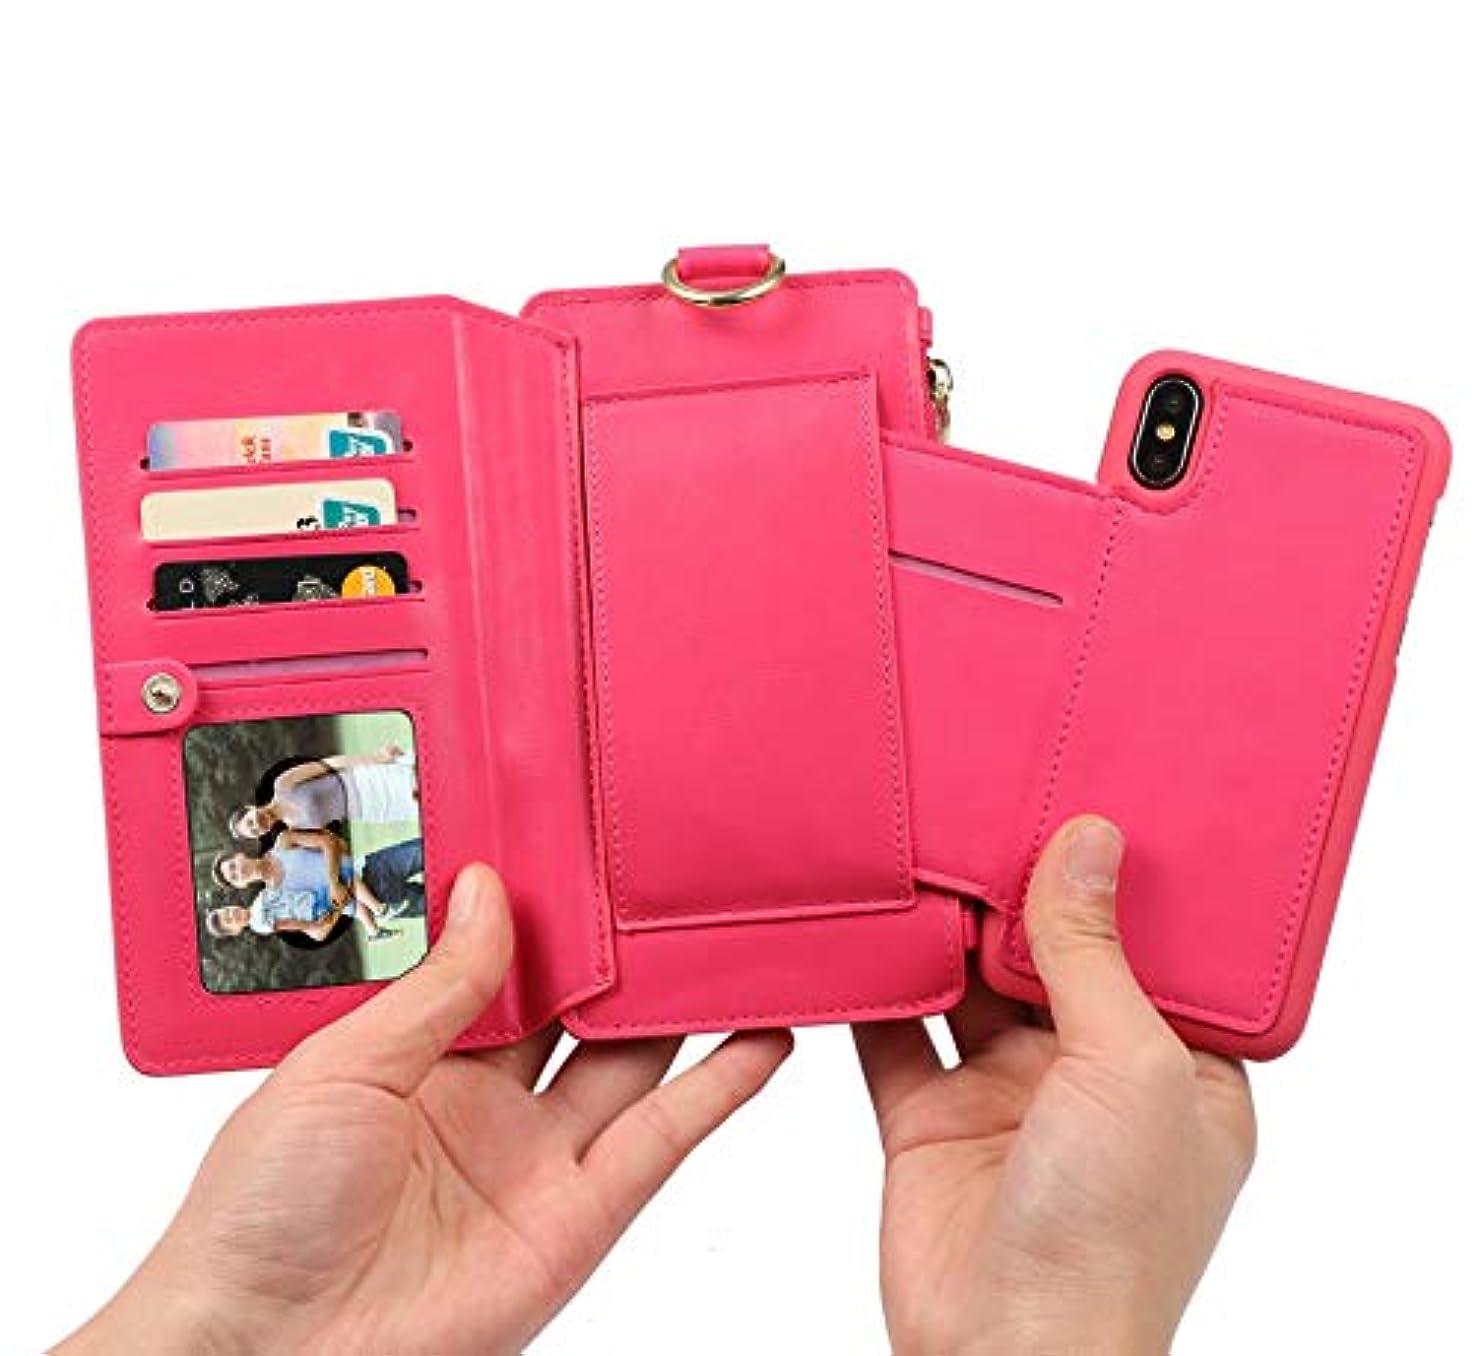 優れました申請者予報iPhone 8 Plus パソコンExit包保護套 - 折りたたみ保護袖 - 立ちブラケット-ビジネススタイル-全身保護-内殻金属リング-12札入れ-相枠-取り外し可能な電話ケース財布 5.5インチiPhone 7 Plus/iPhone 8 Plusに適し、ホトピンク